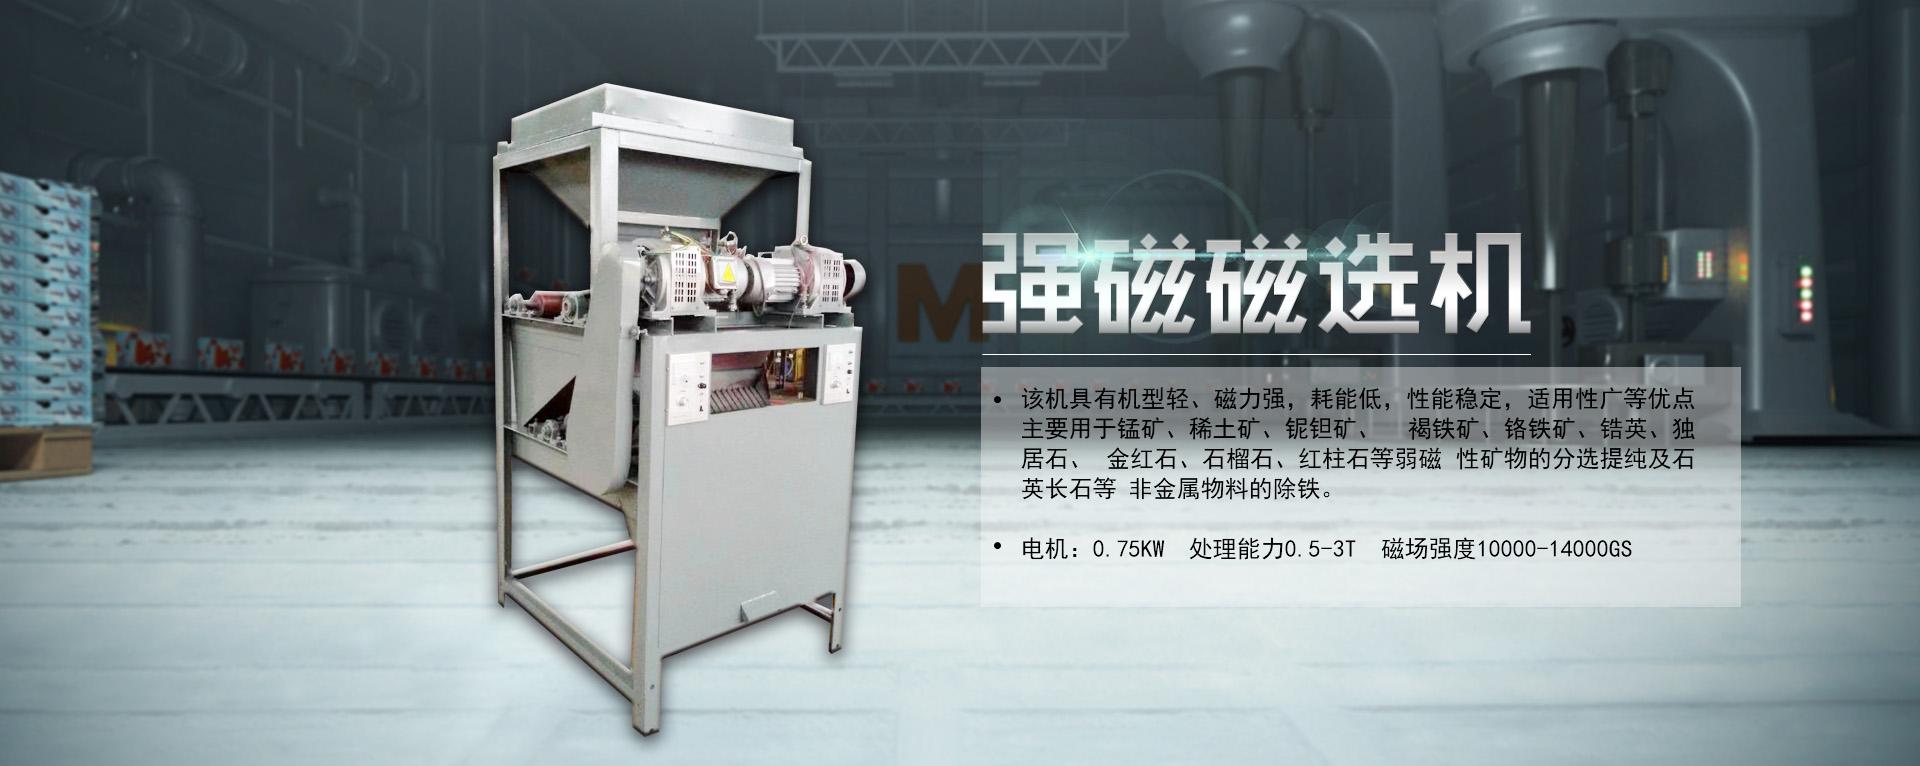 矿山机械设备厂家